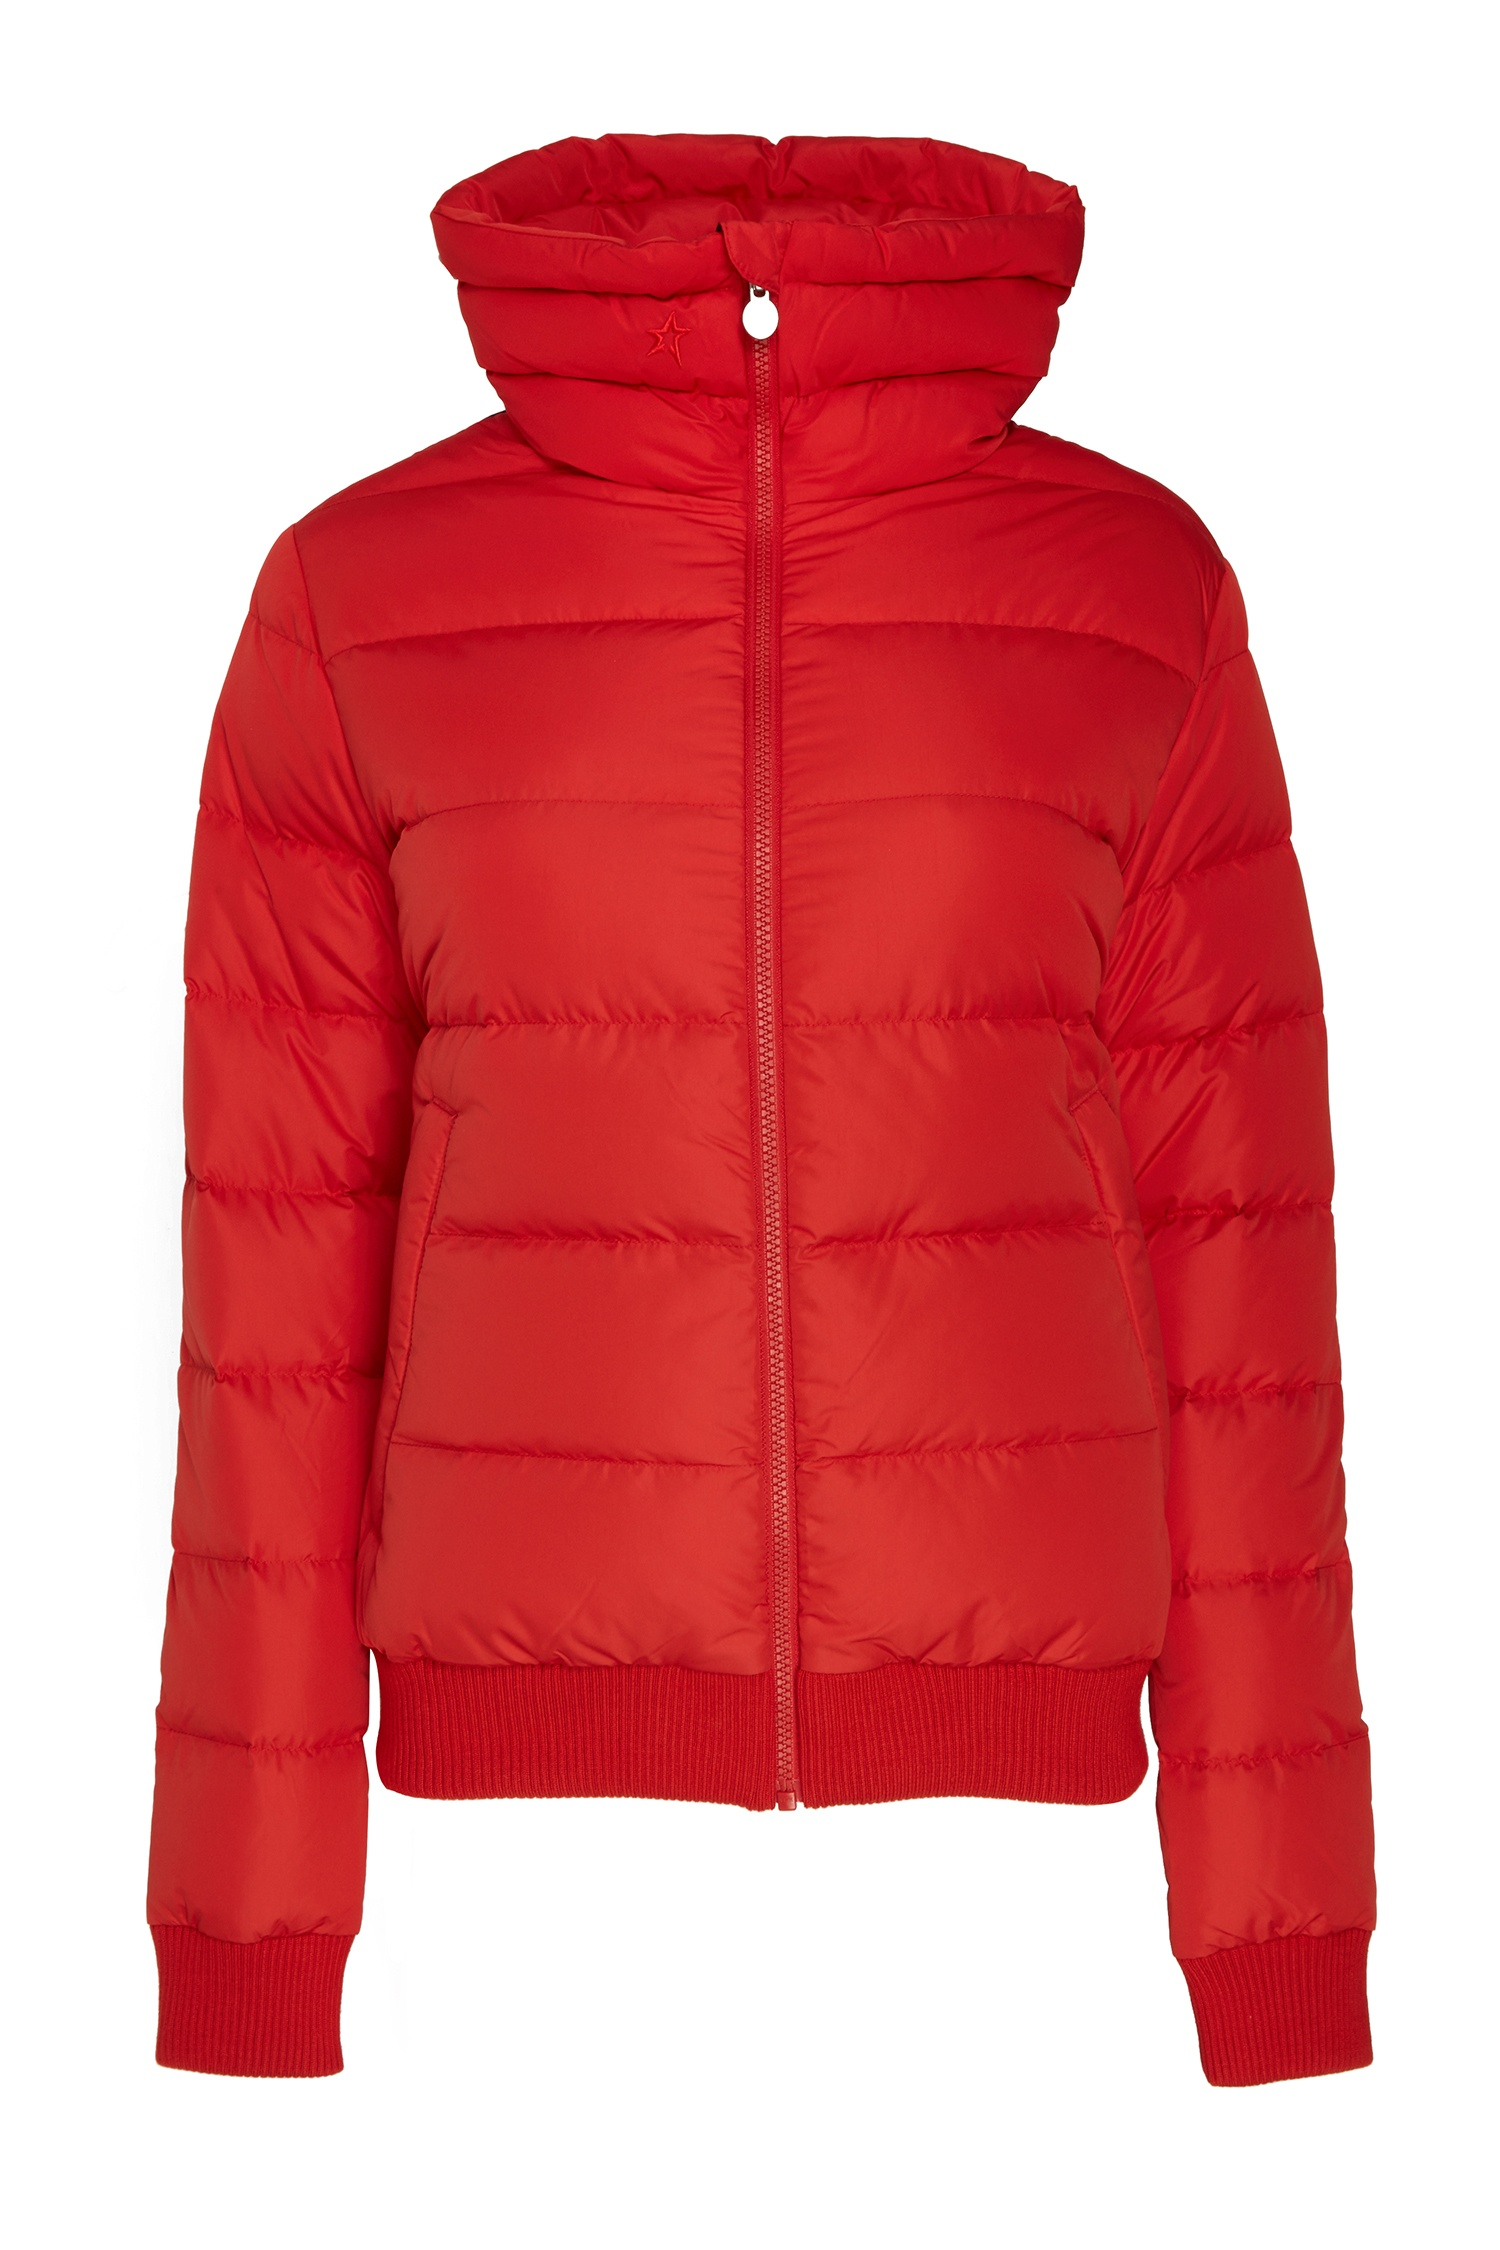 f7f372649d7c Красная лыжная куртка Super Star Perfect Moment – купить в интернет ...